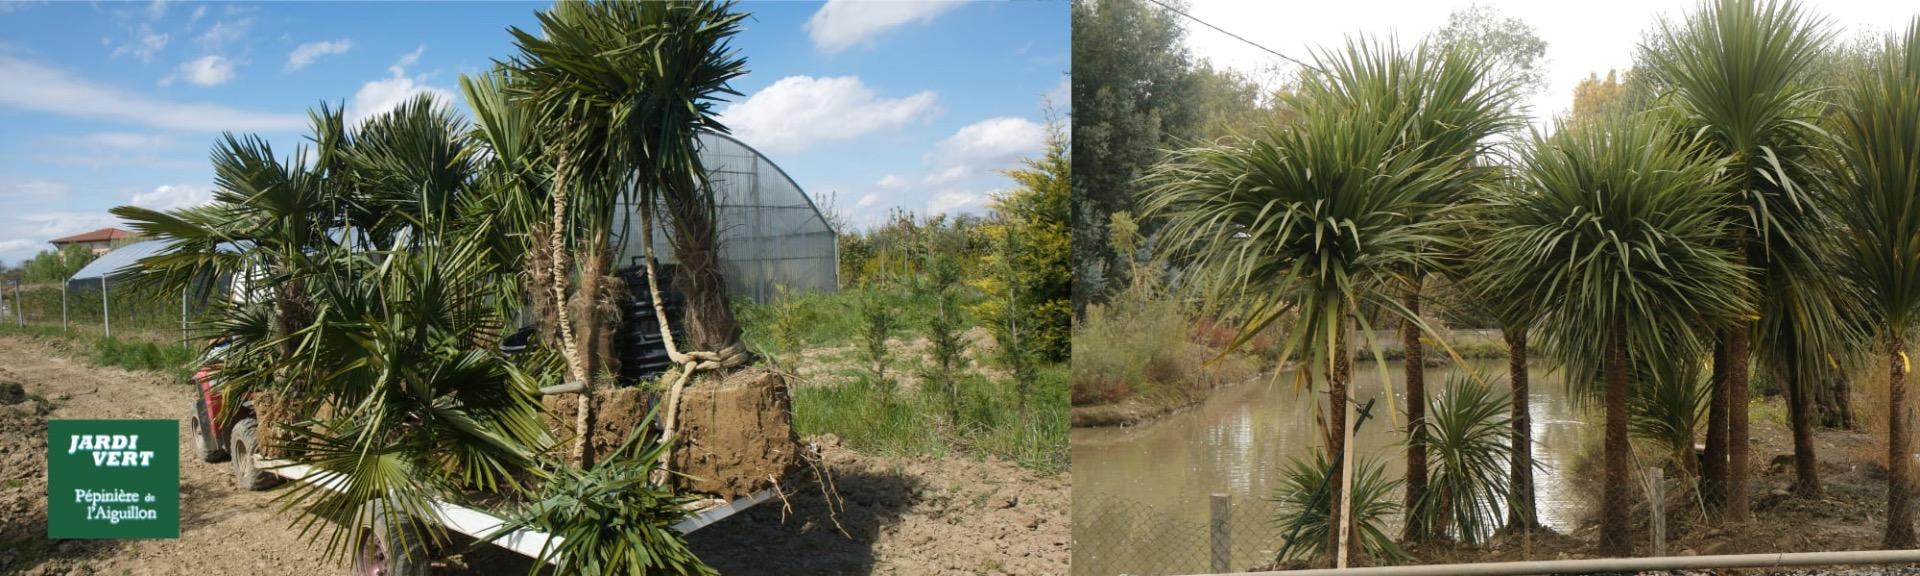 Vente de palmiers pour l'extérieur à Toulouse - Jardinerie pépinière de l'aiguillon producteur palmiers